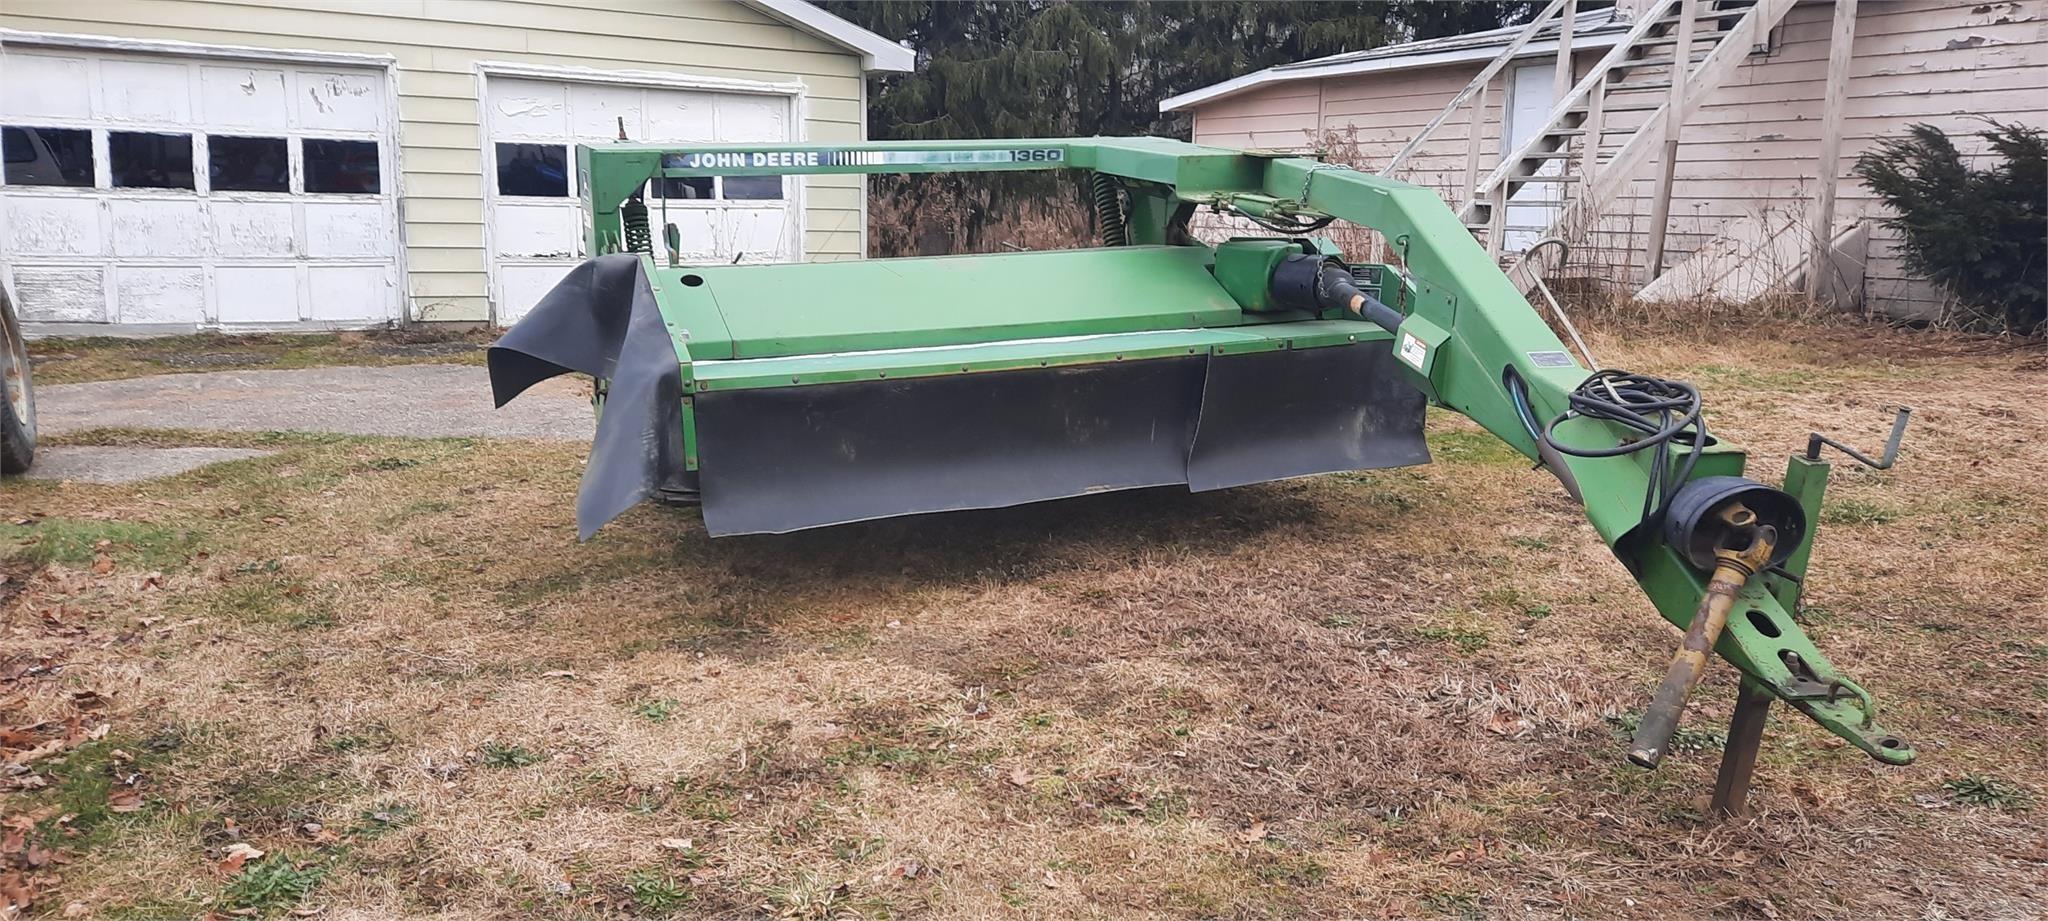 John Deere 1360 Mower Conditioner